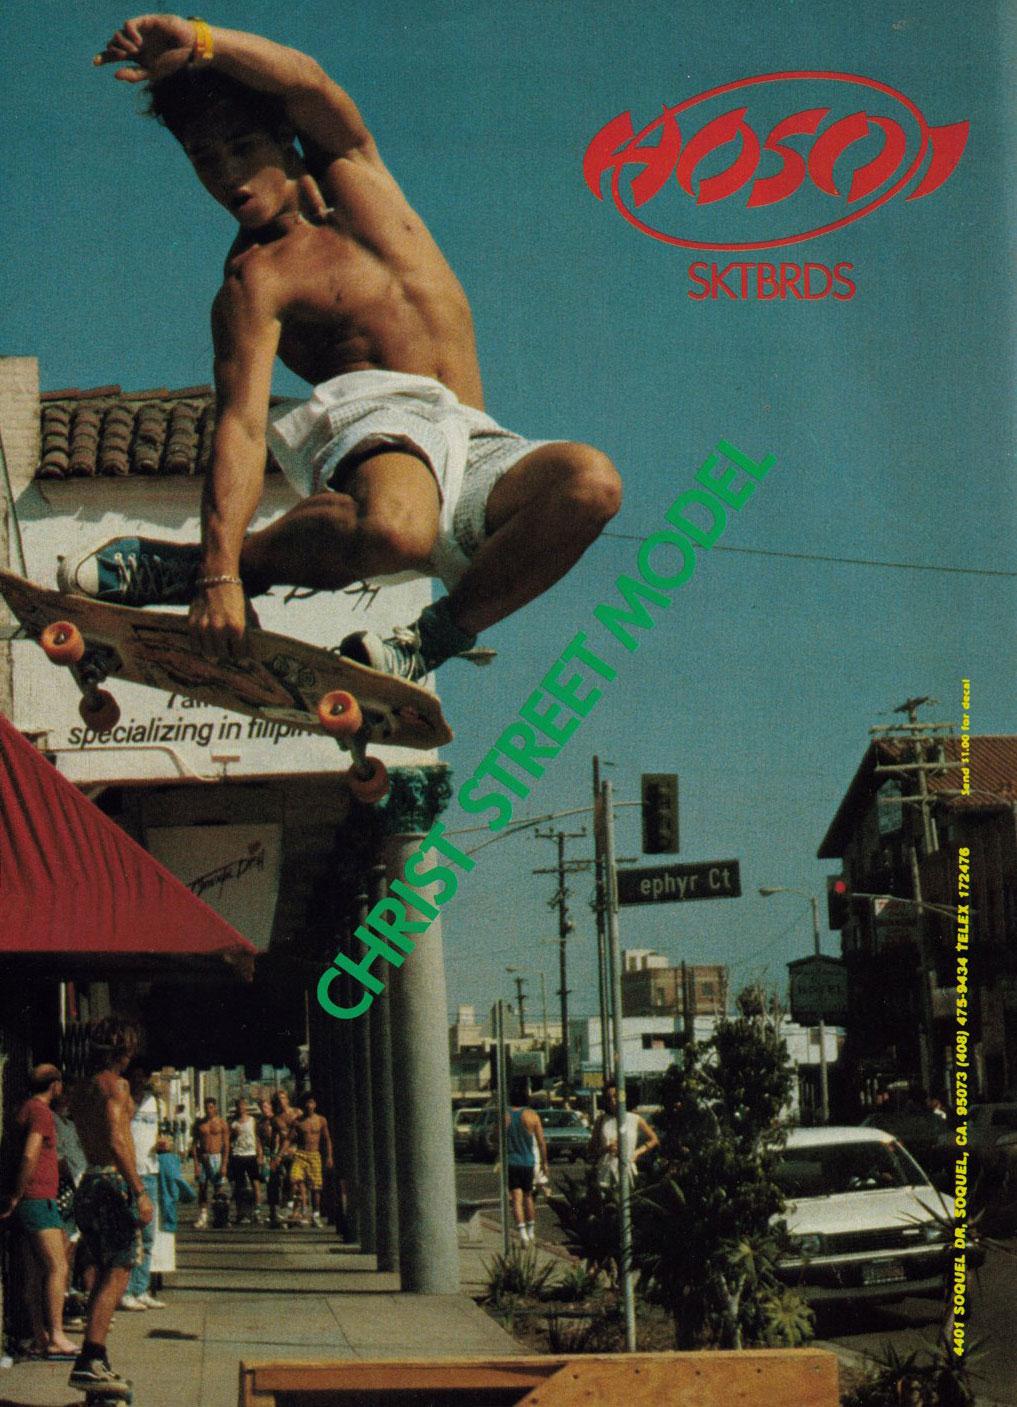 Publicité Hosoi Skateboards de Christian HOSOI année 1980-1990